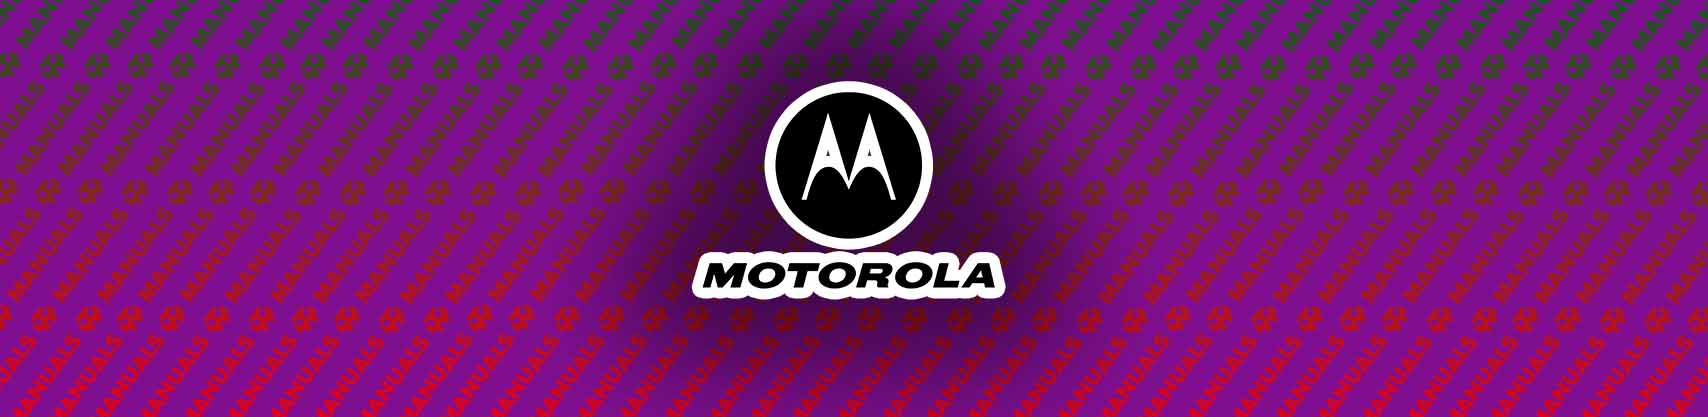 Motorola Buds Manual